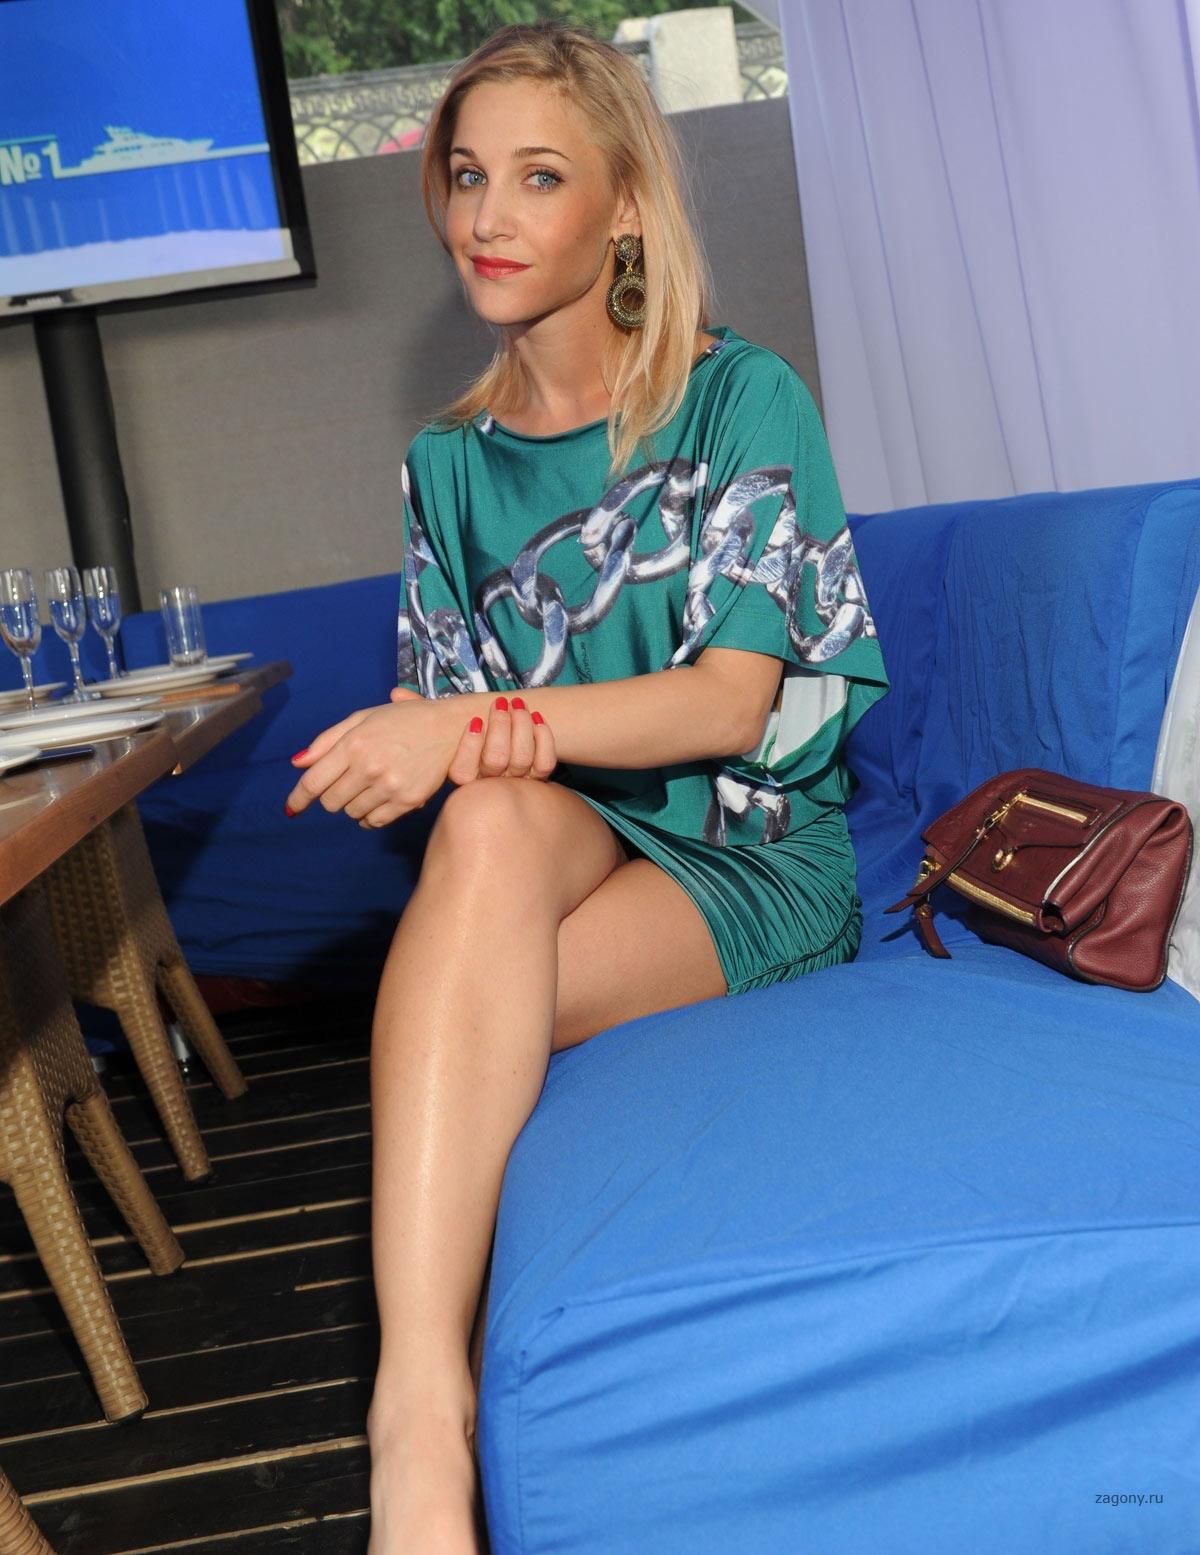 Юлия ковальчук фото максим 24 фотография